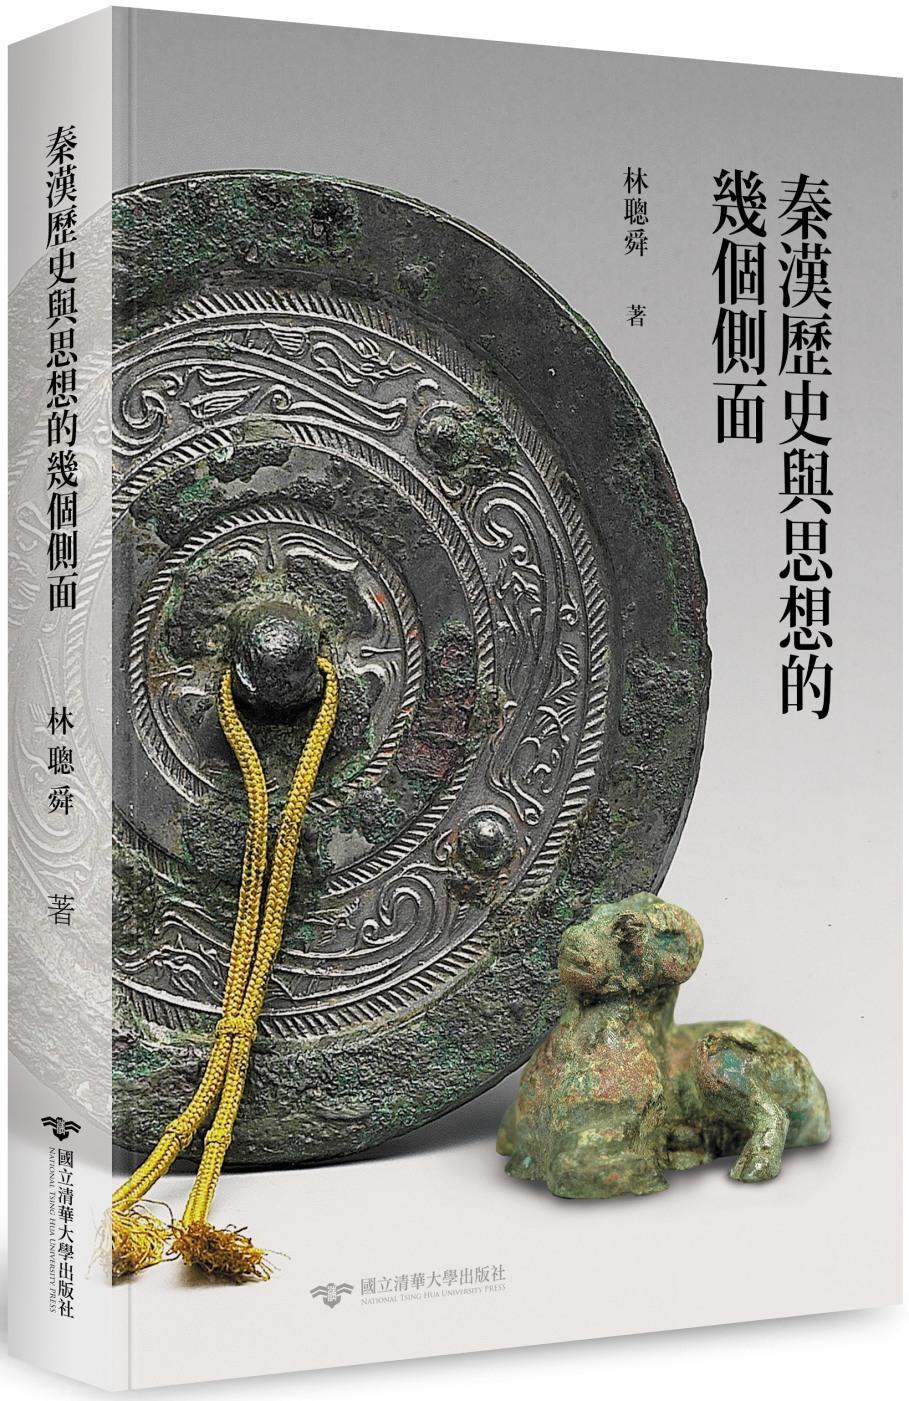 秦漢歷史與思想的幾個側面